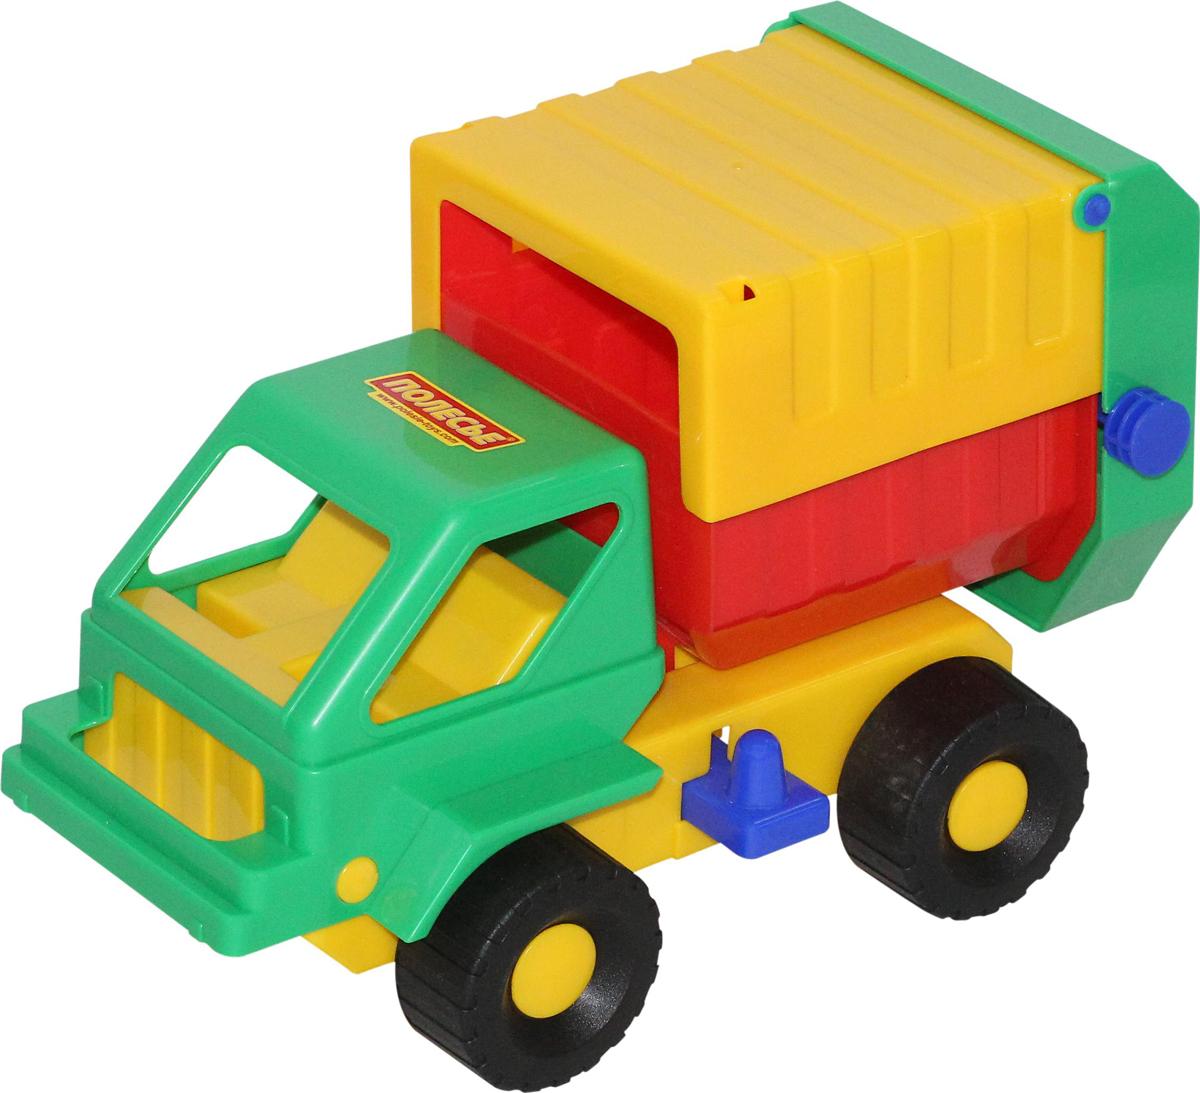 Полесье Коммунальная спецмашина Кузя, цвет в ассортименте автомобиль коммунальная спецмашина полесье кнопик красная кабина